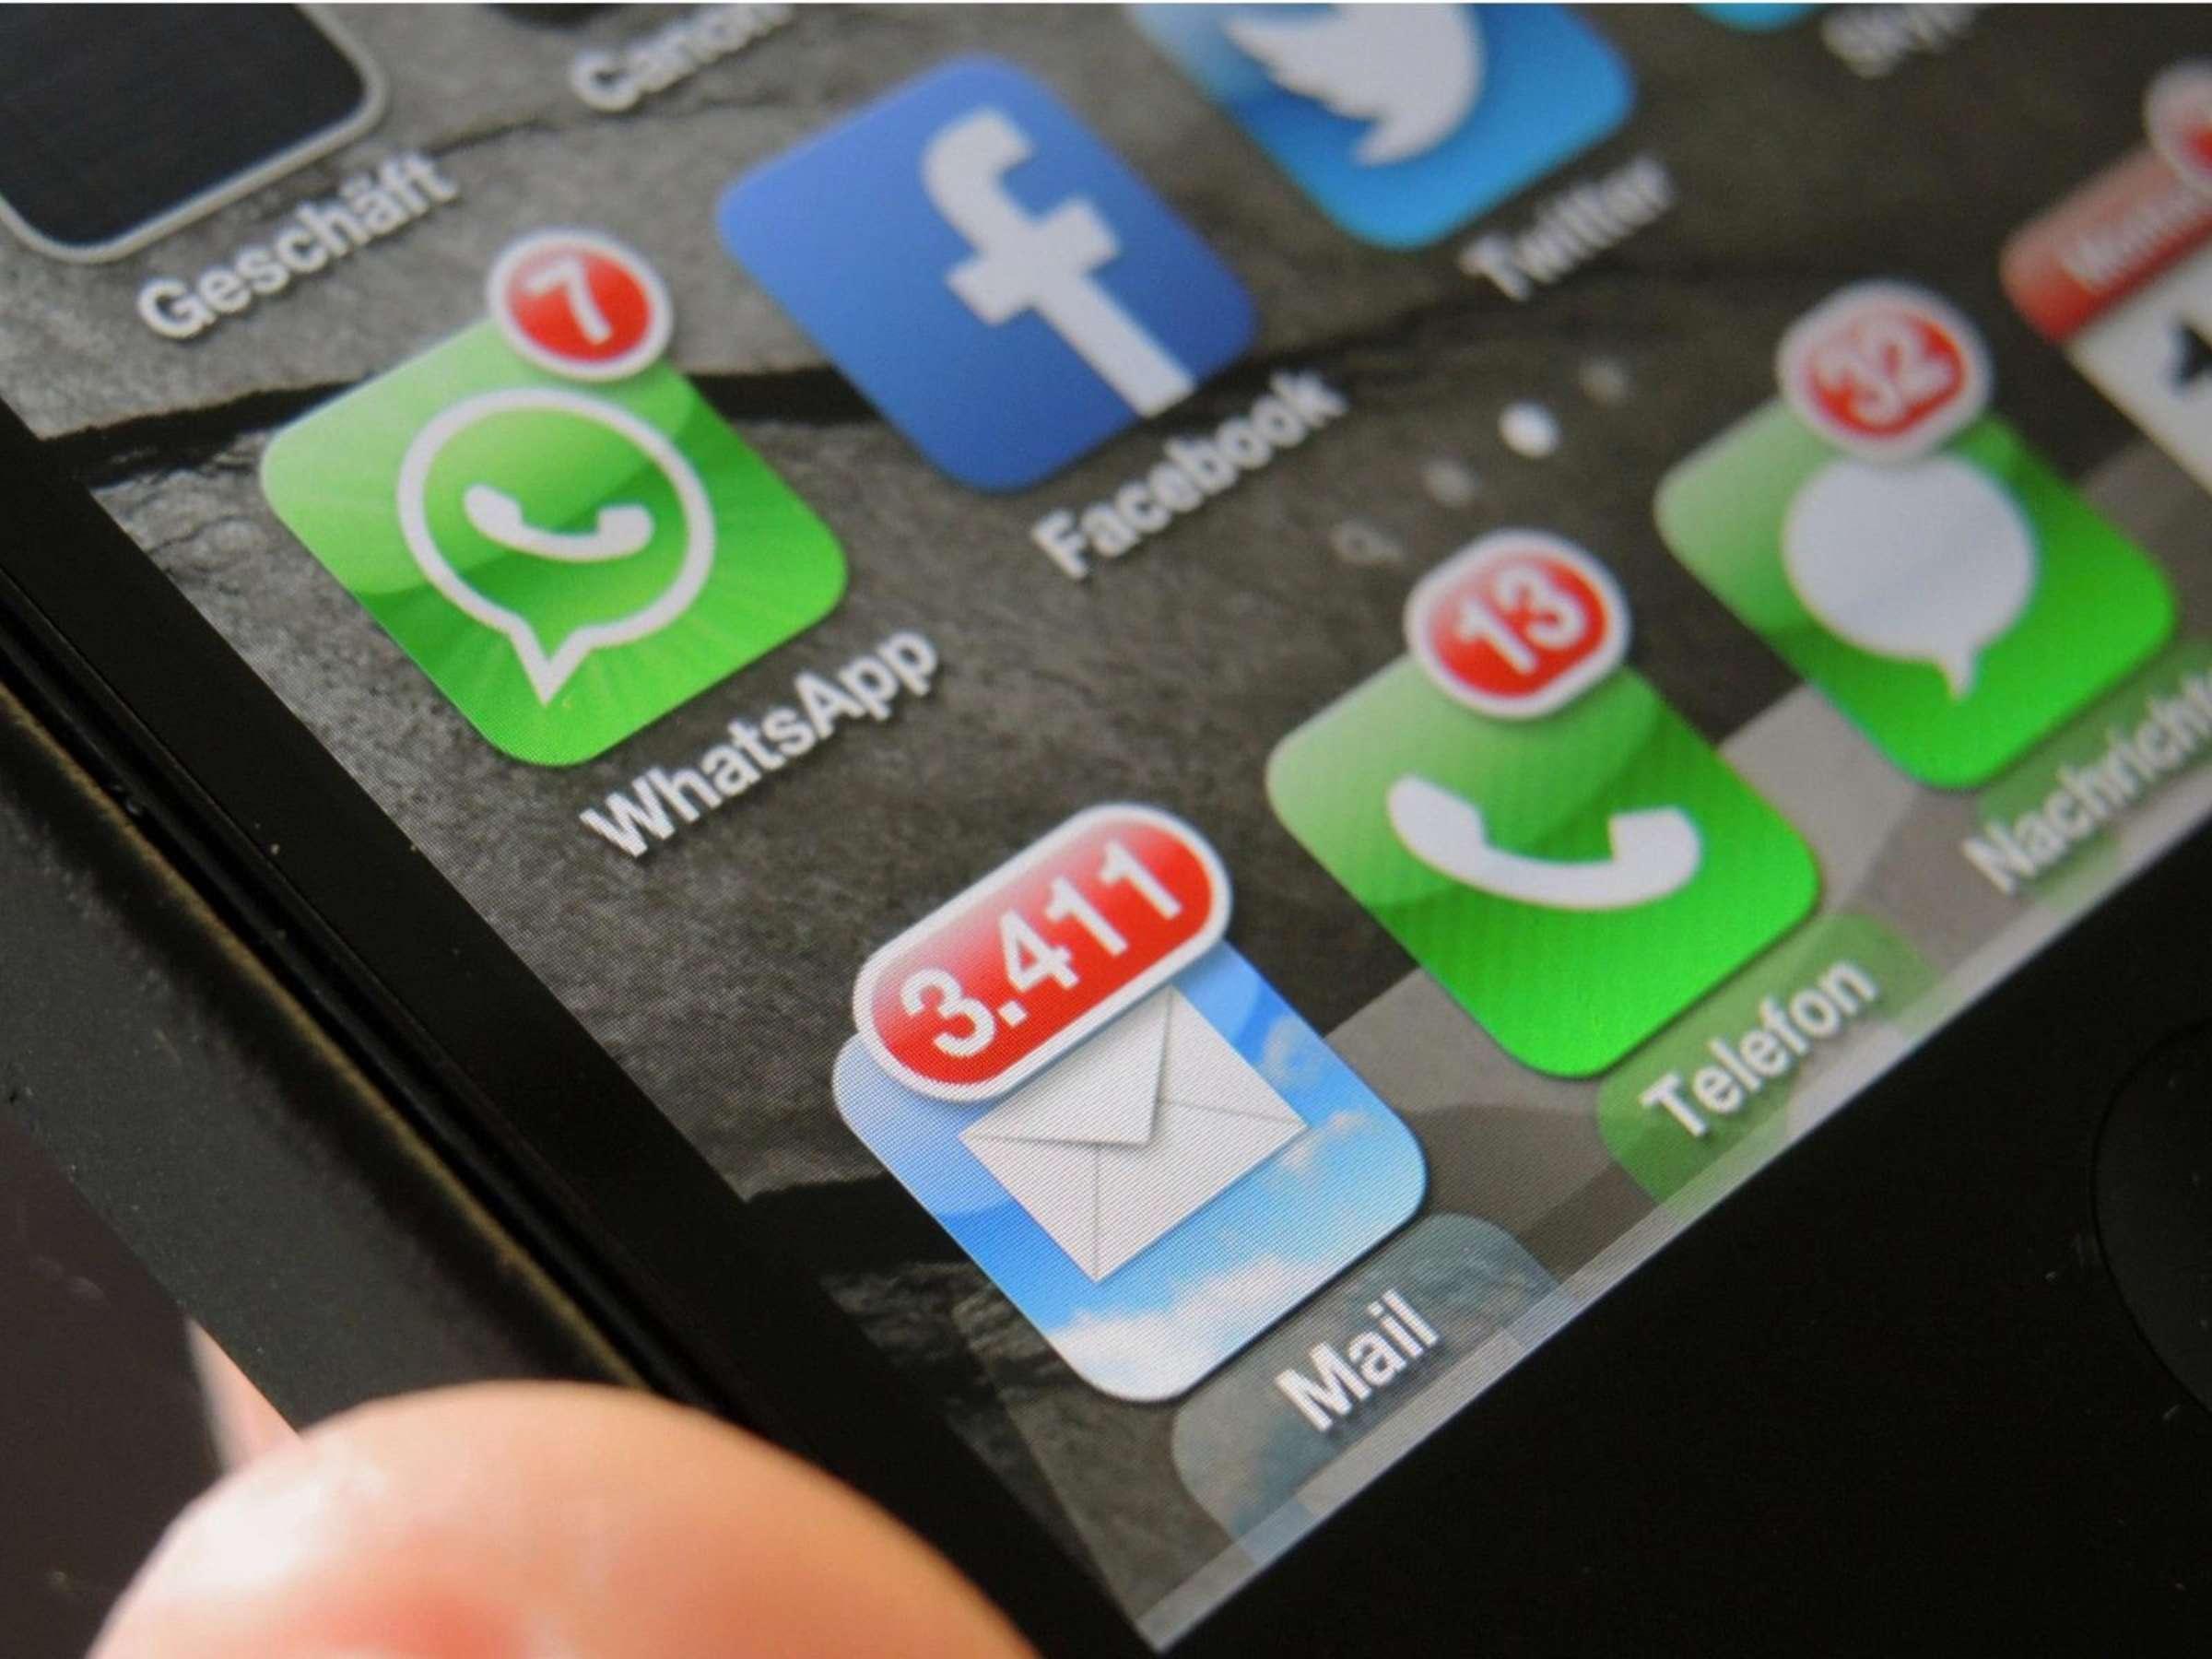 Gratis sms empfangen ohne handy